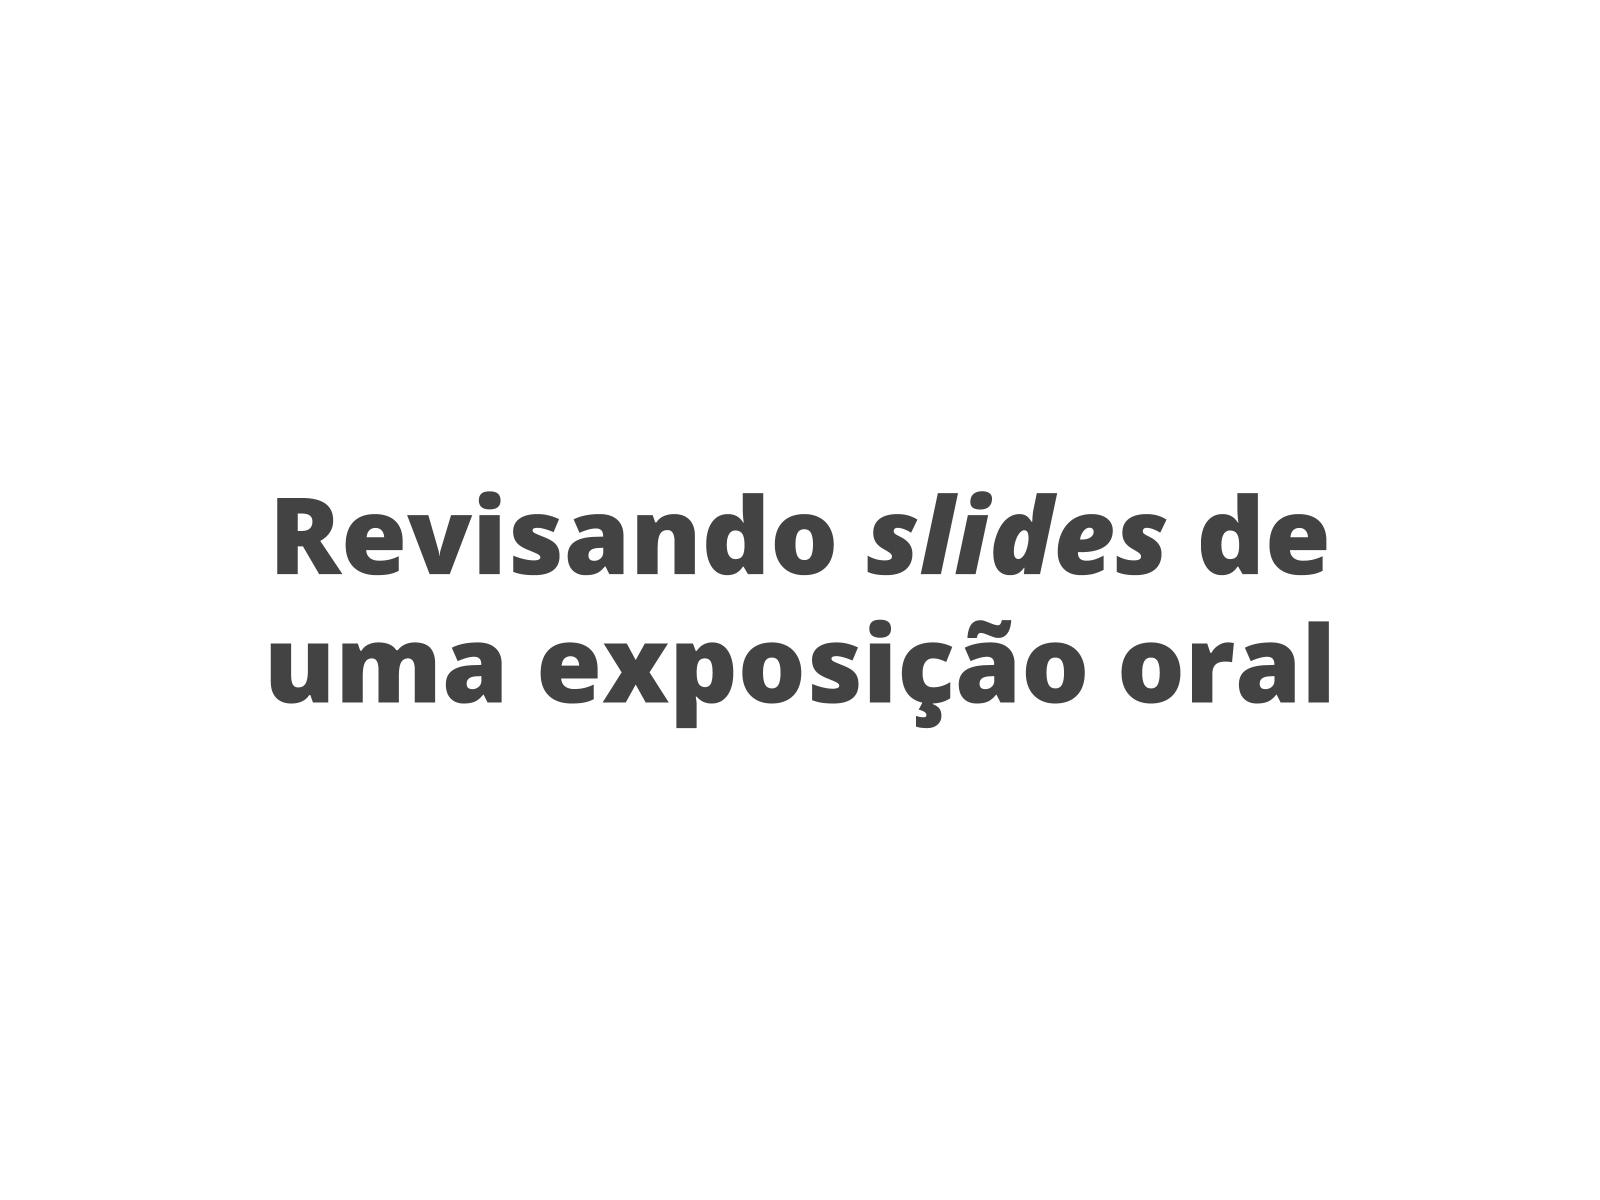 Exposição oral: corringido o roteiro de apresentação